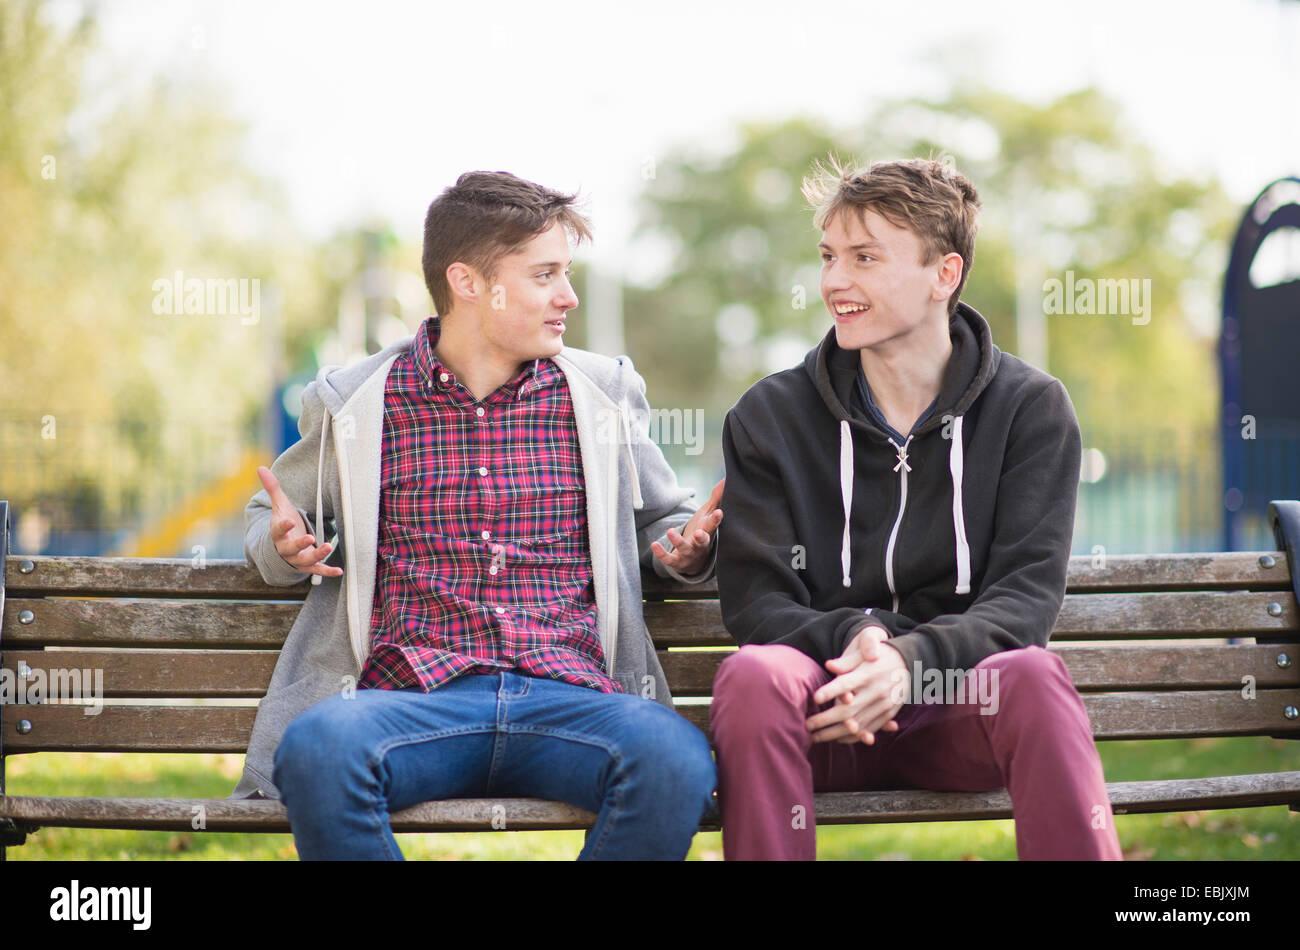 Deux jeunes hommes friends chatting on park bench Photo Stock